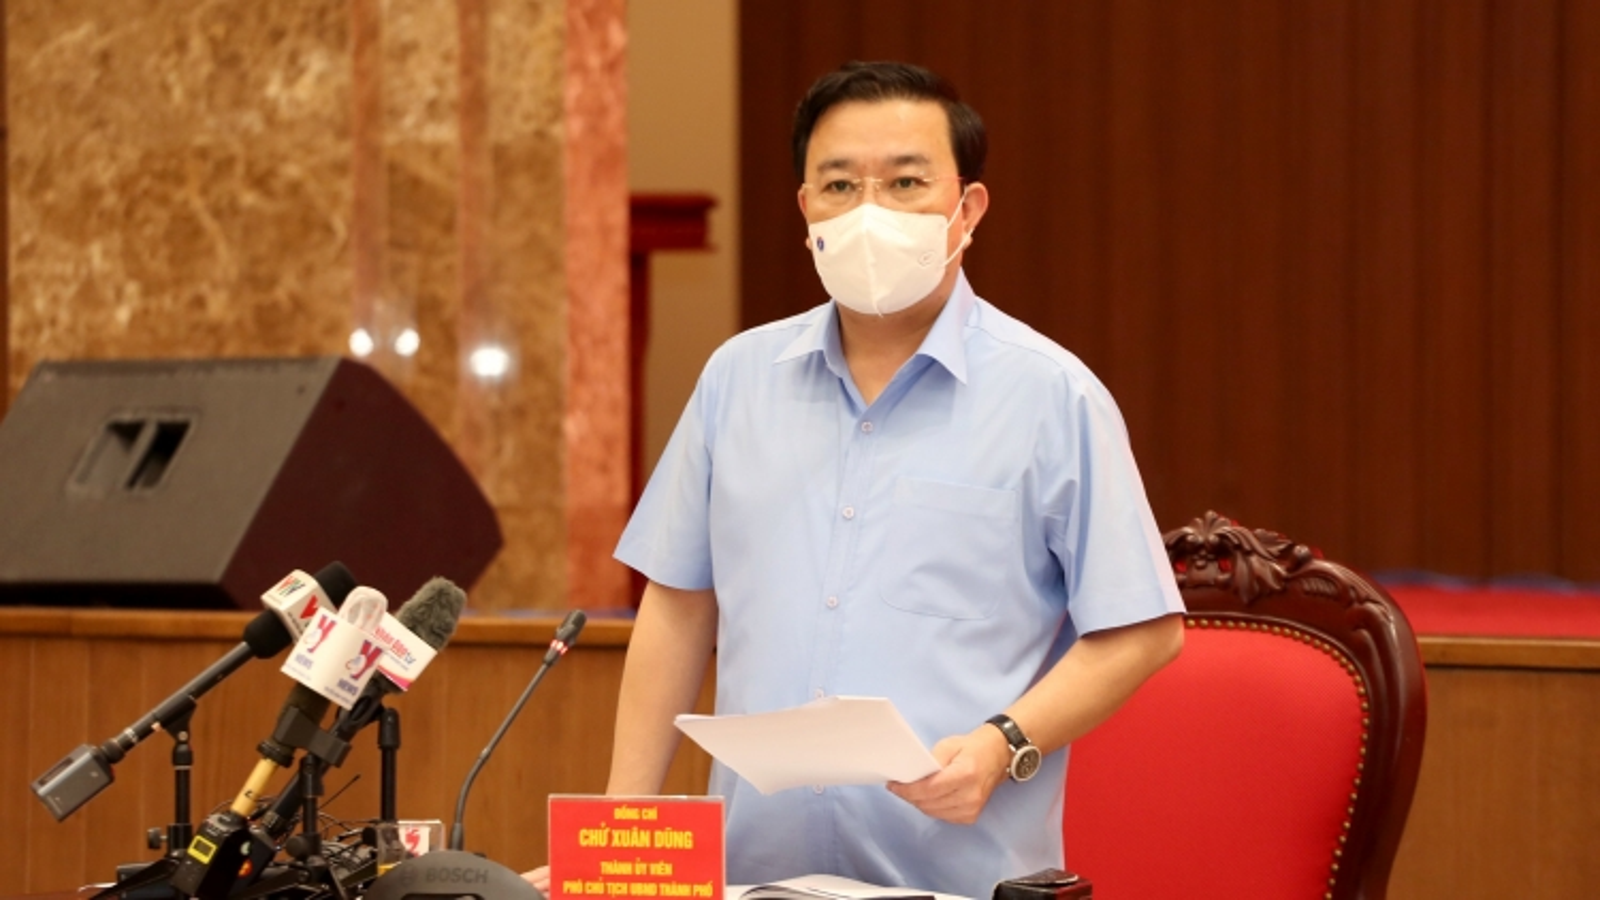 Hà Nội không áp dụng giấy đi đường kể từ 6h00 ngày 21/9